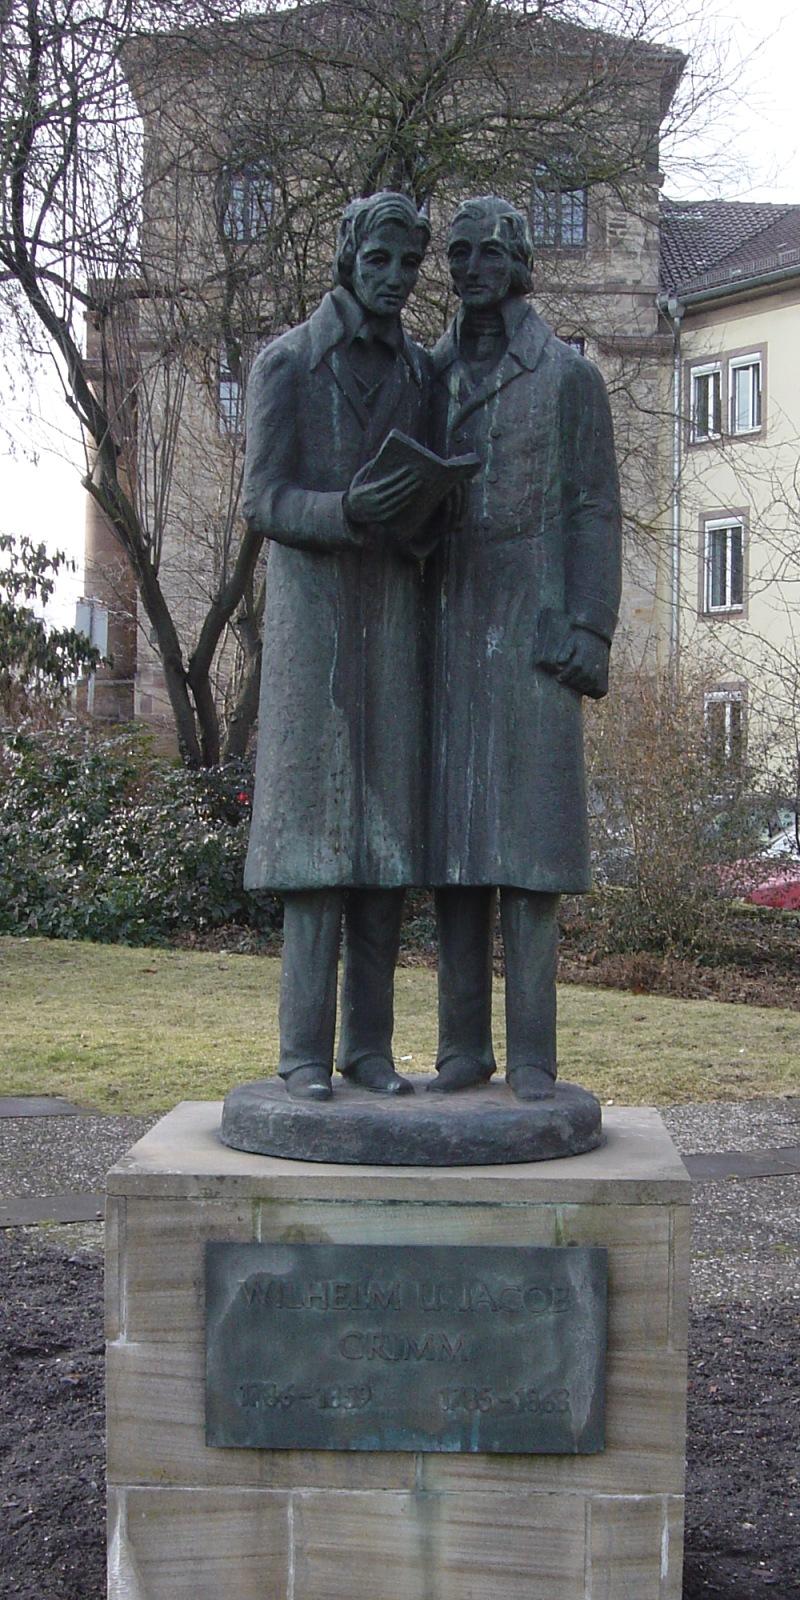 dateikassel brder grimm denkmaljpg - Gebrder Grimm Lebenslauf